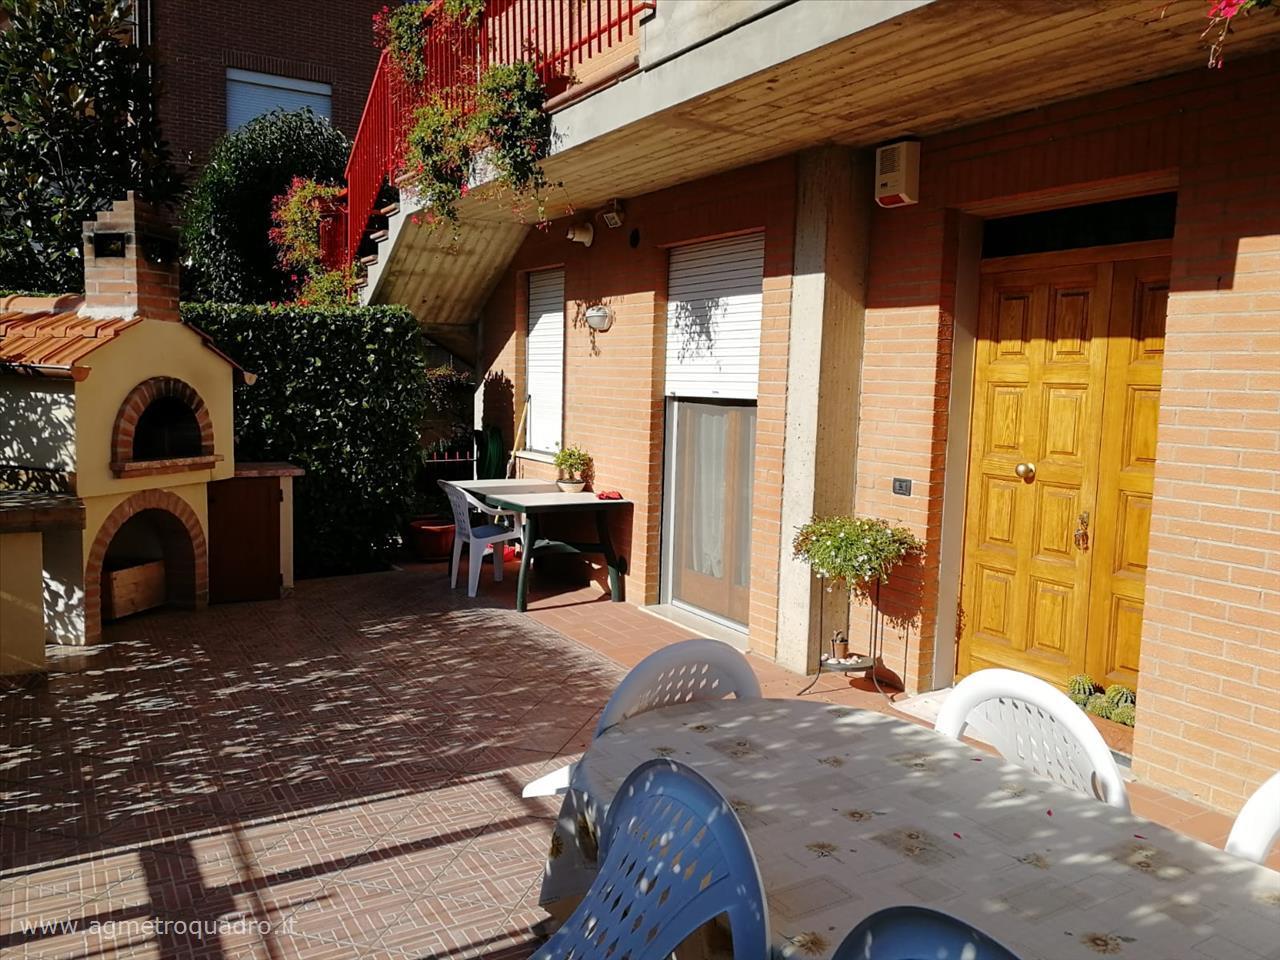 Appartamento in vendita a Montepulciano, 3 locali, prezzo € 175.000 | CambioCasa.it